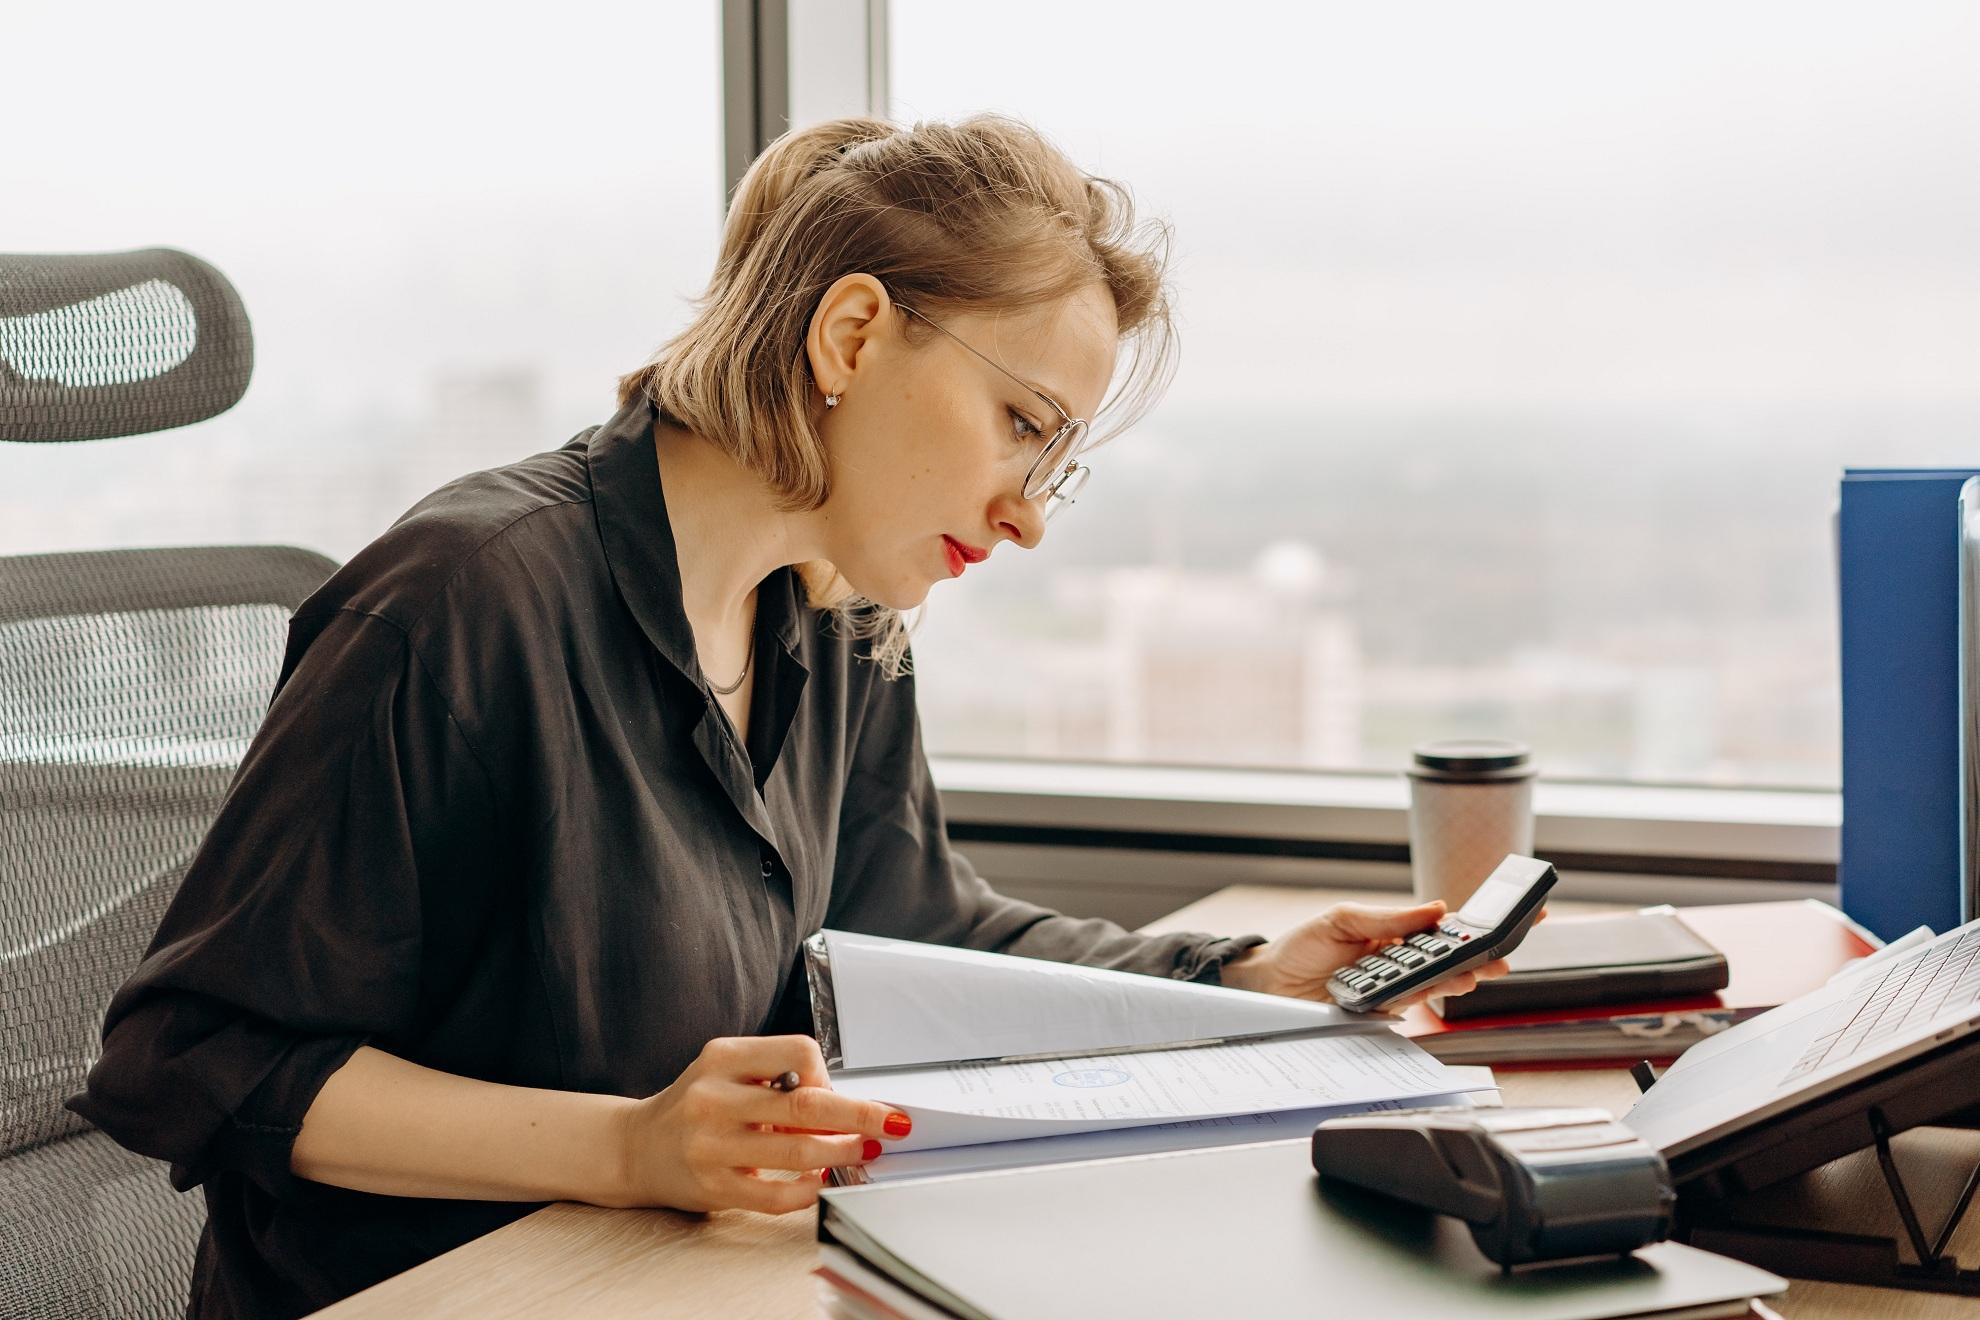 Штраф фирме, бухгалтер не виноват: суд против, чтобы ущерб взыскали с работника